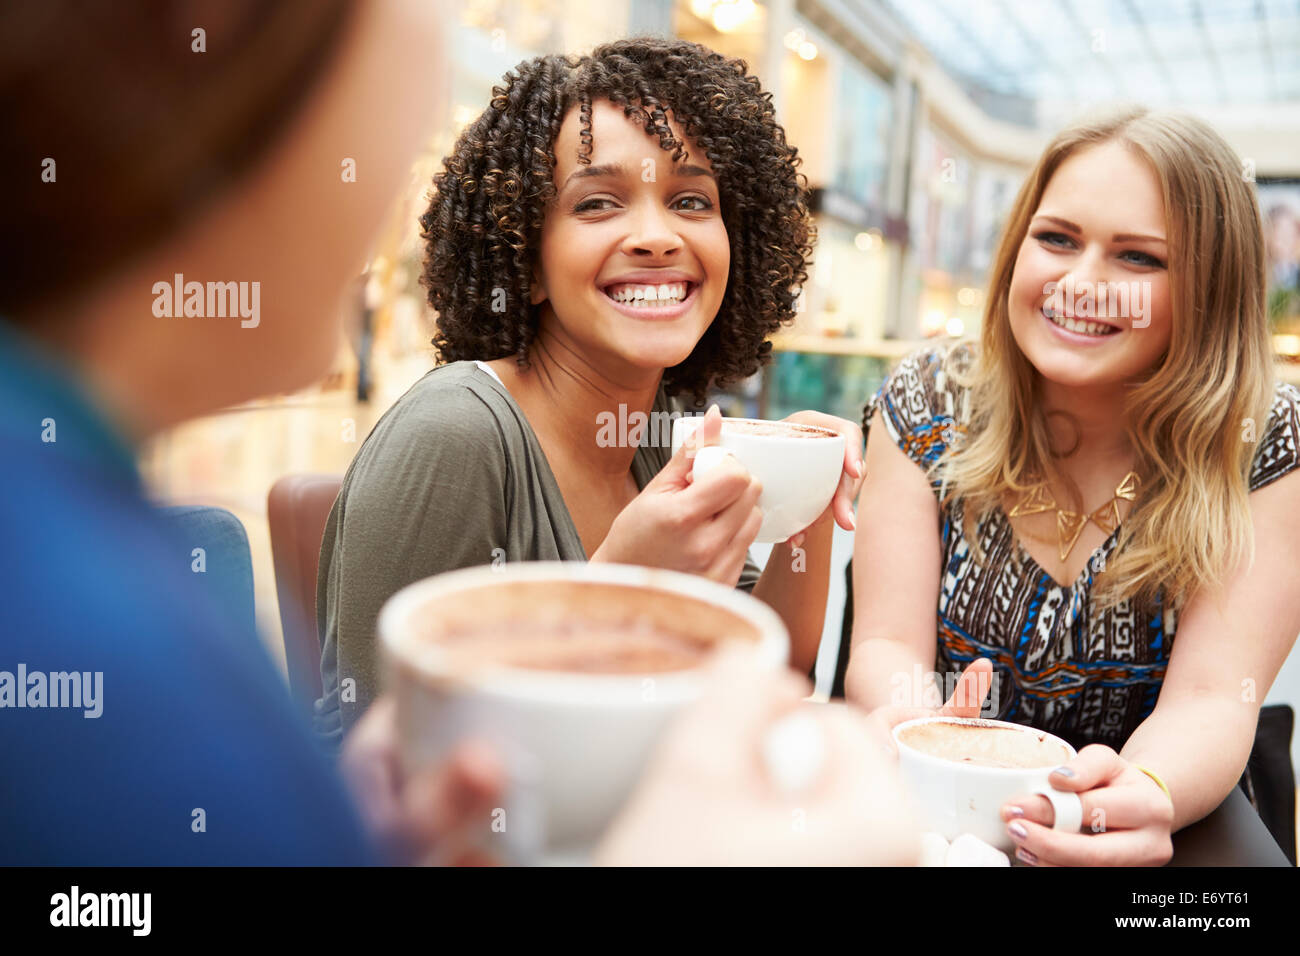 Un gruppo di giovani amici di sesso femminile incontro nel Café Immagini Stock